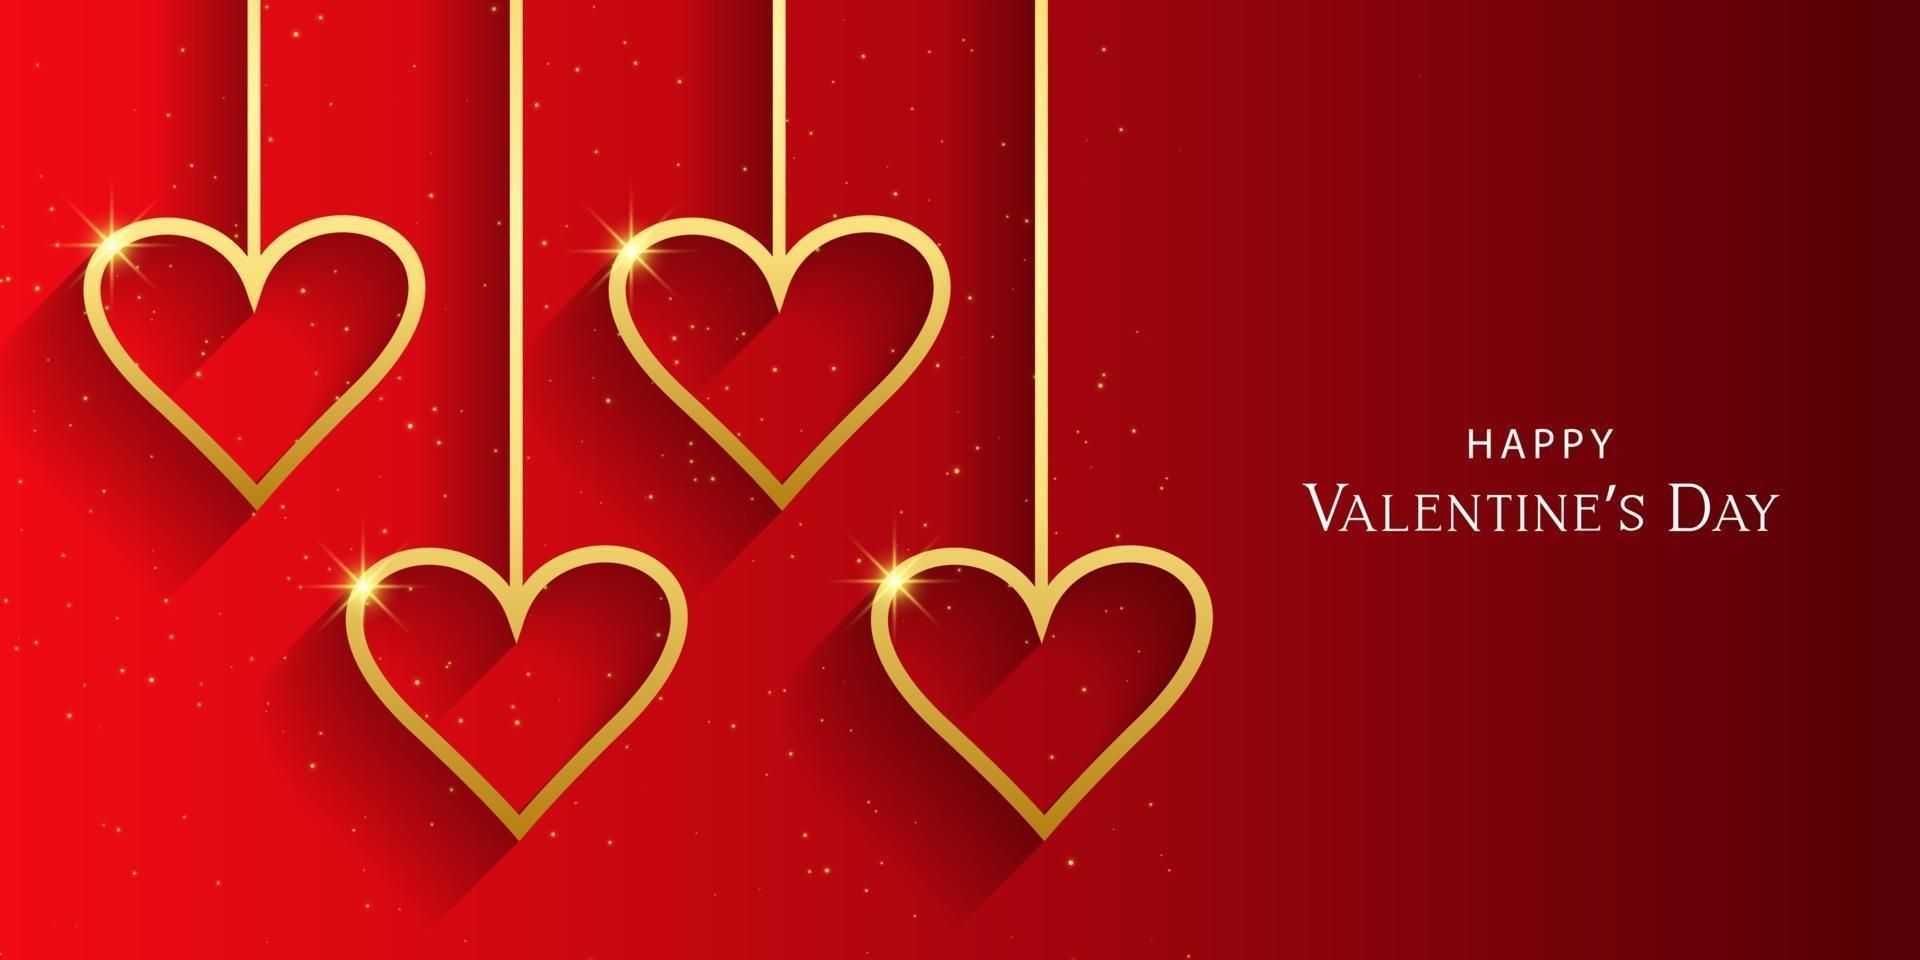 beau coeur Saint Valentin en illustration de fond rouge. vecteur